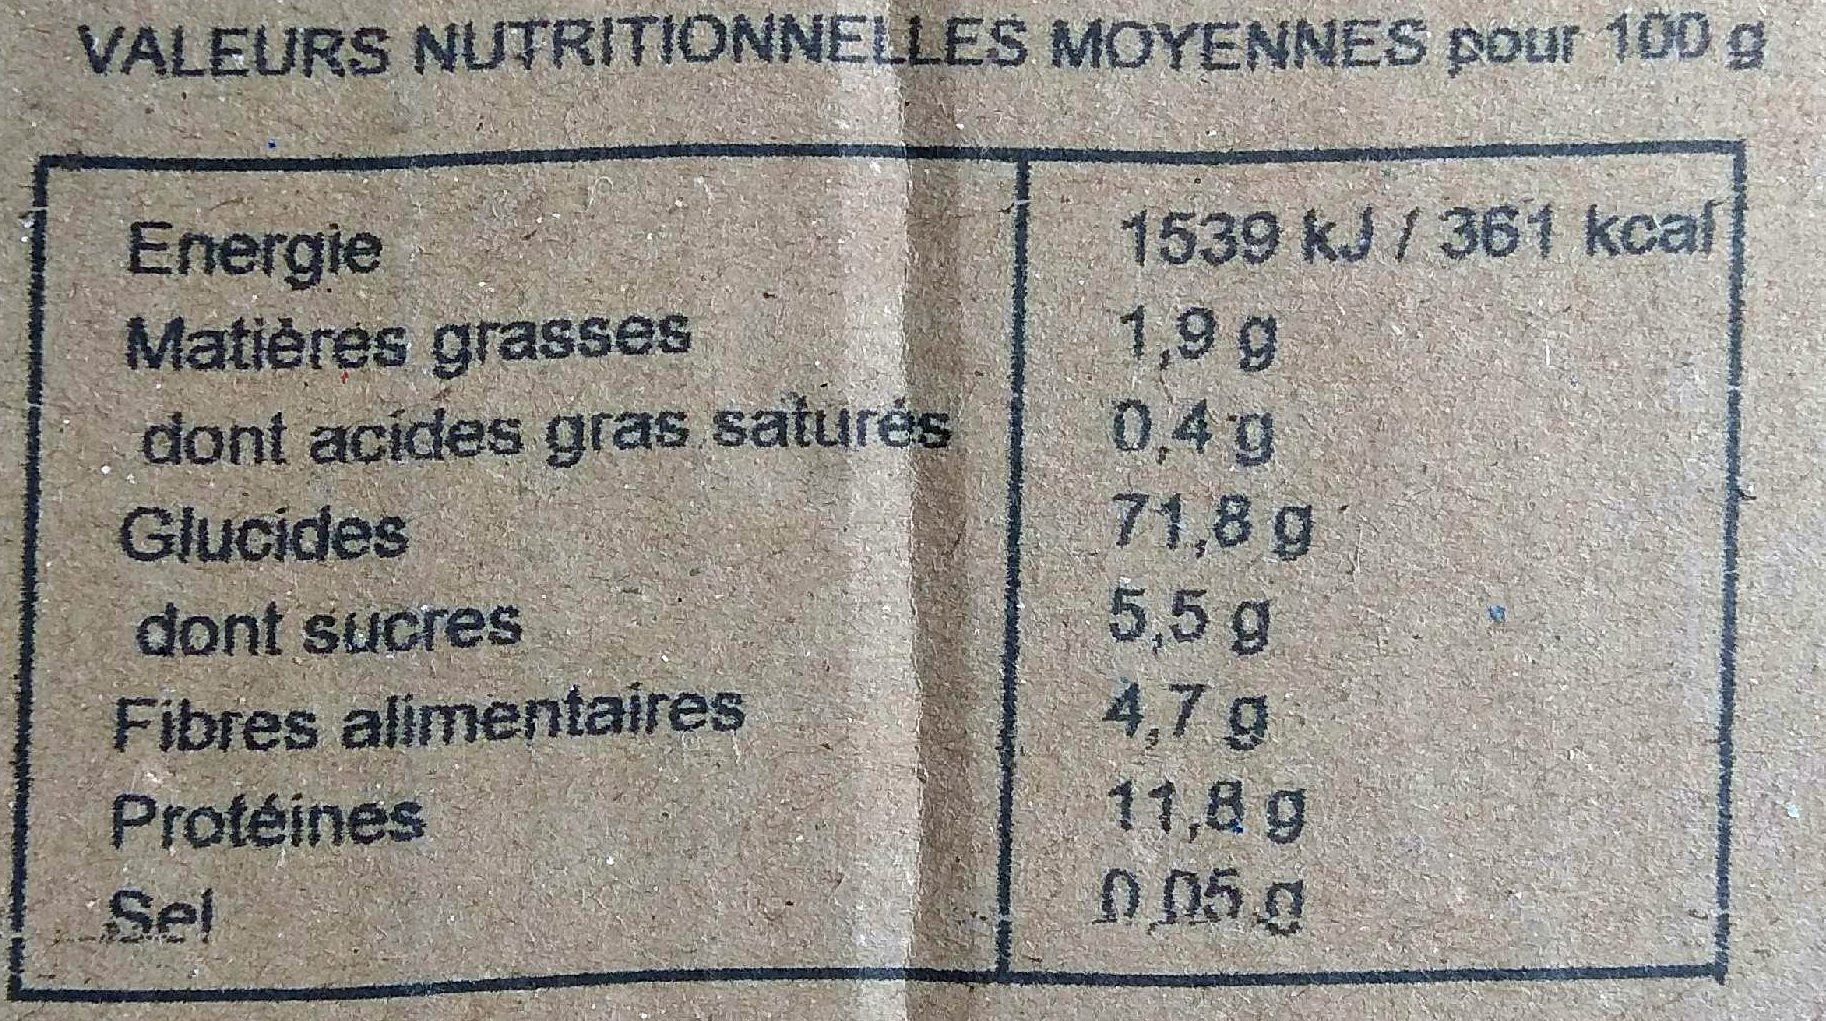 Spirale semi-complète bio - Informations nutritionnelles - fr